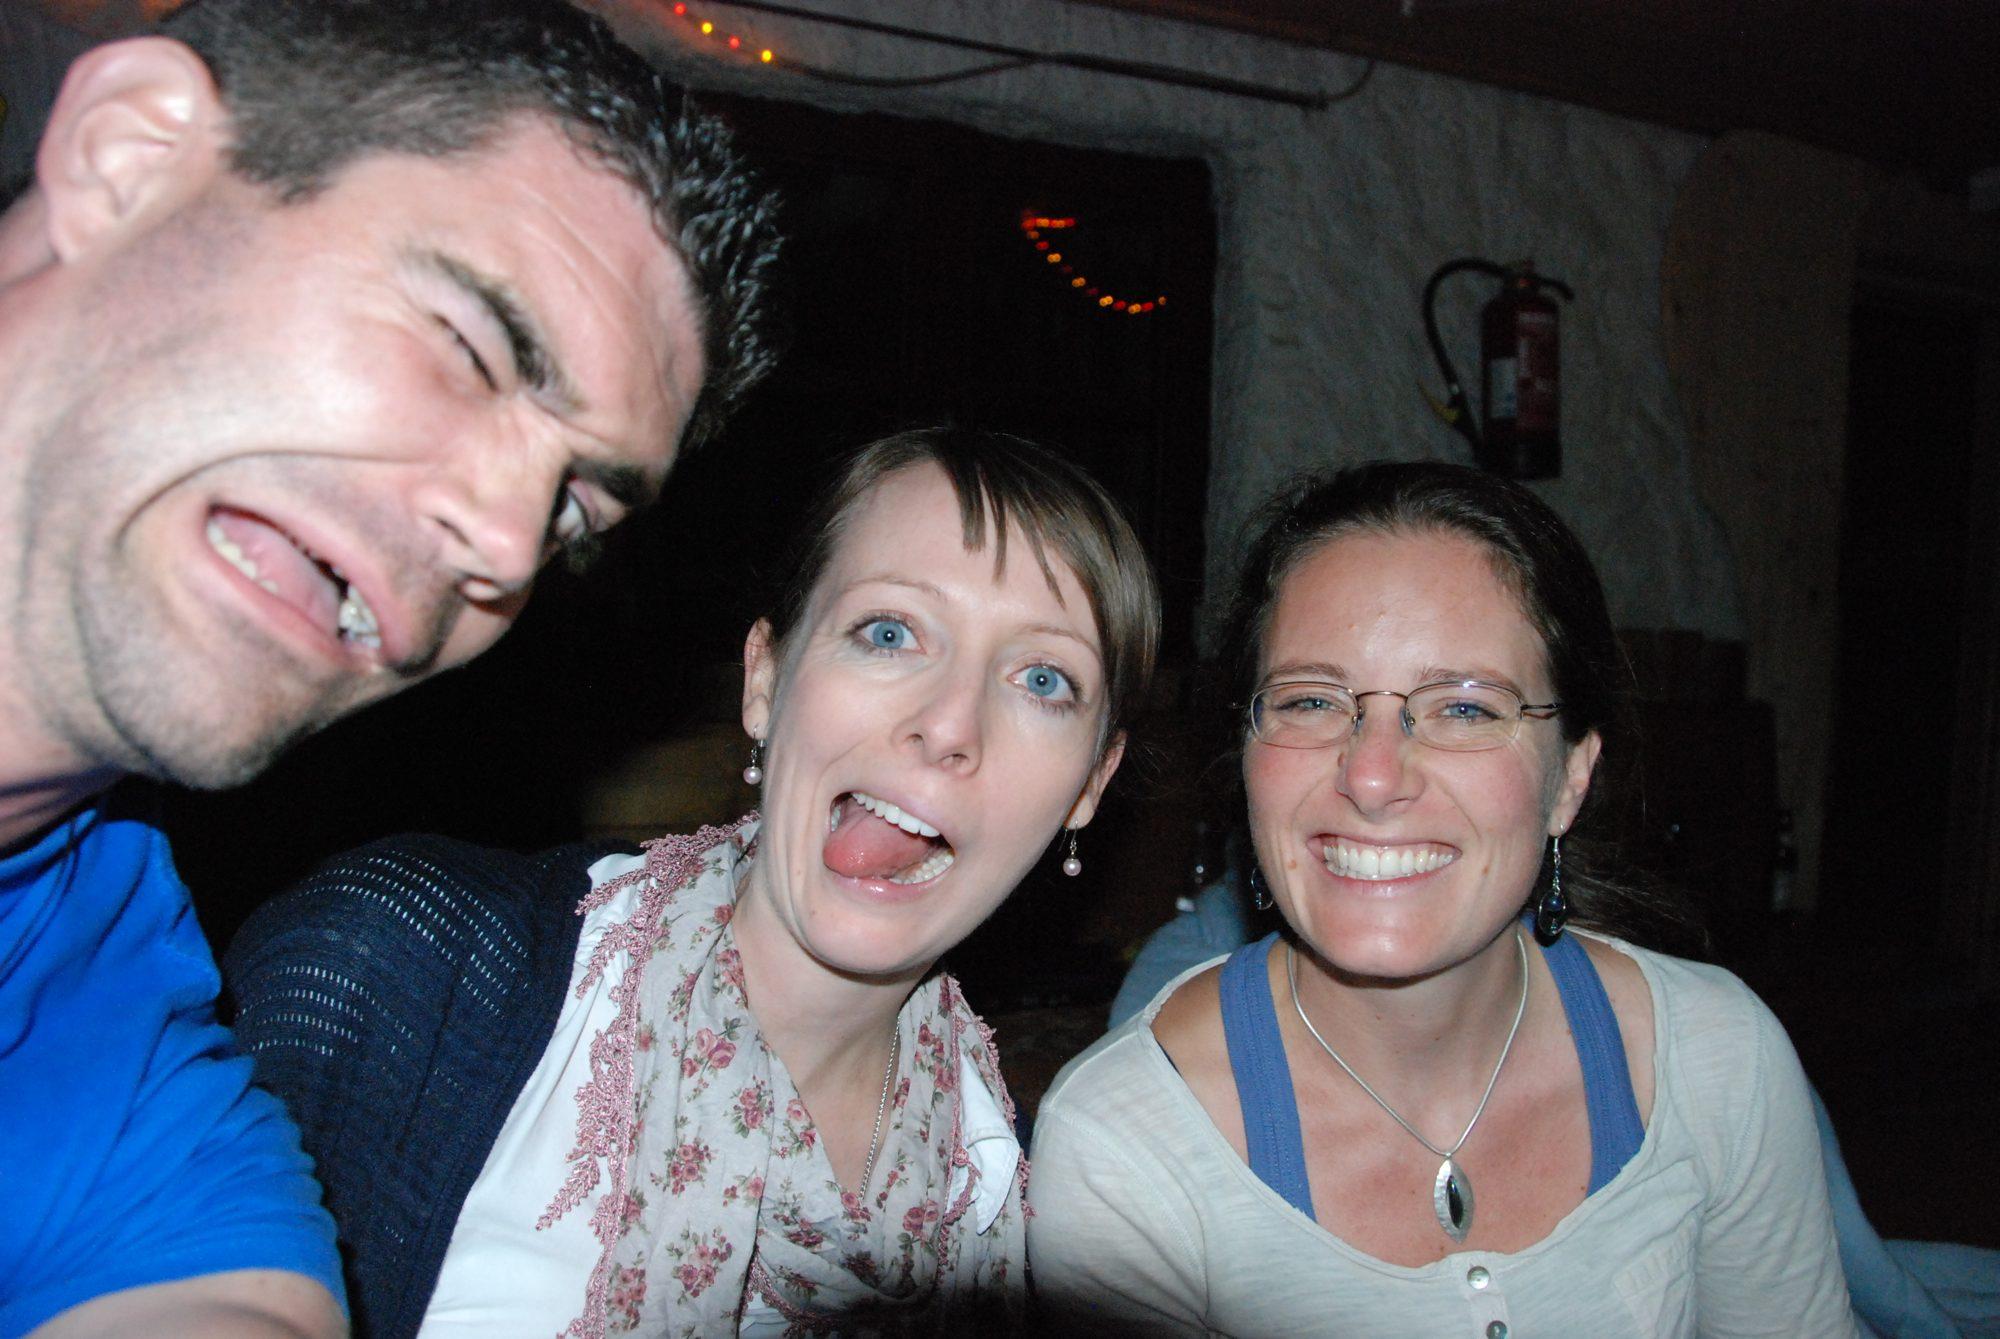 Juni 2012 – Familientreffen im Allgäu. Thilo, Maria und Elisa... Ohne Worte.